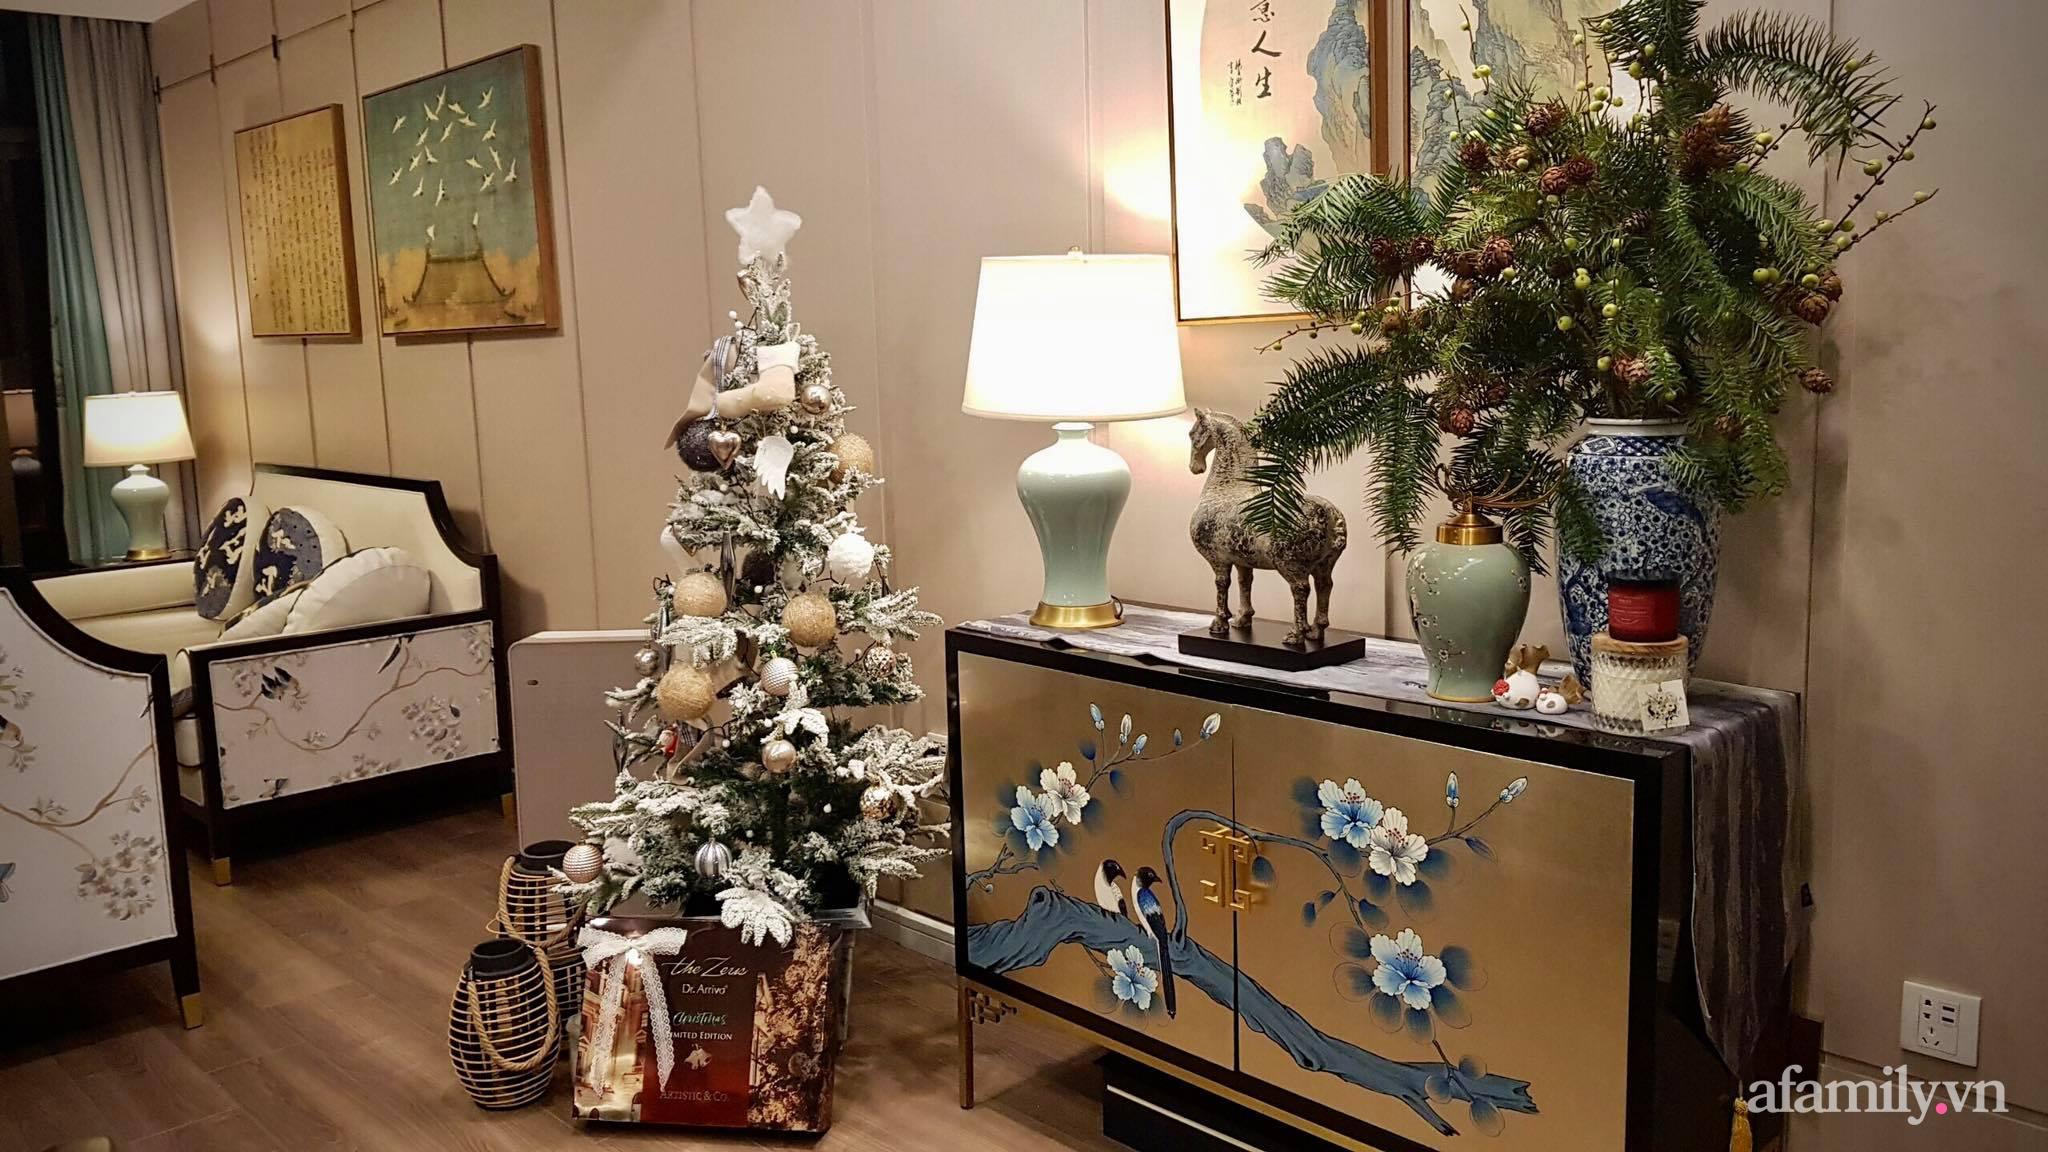 """Căn hộ """"thắp sáng"""" những sắc màu giúp từng góc nhỏ thêm ấm cúng đón Giáng sinh ở Hà Nội - Ảnh 2."""